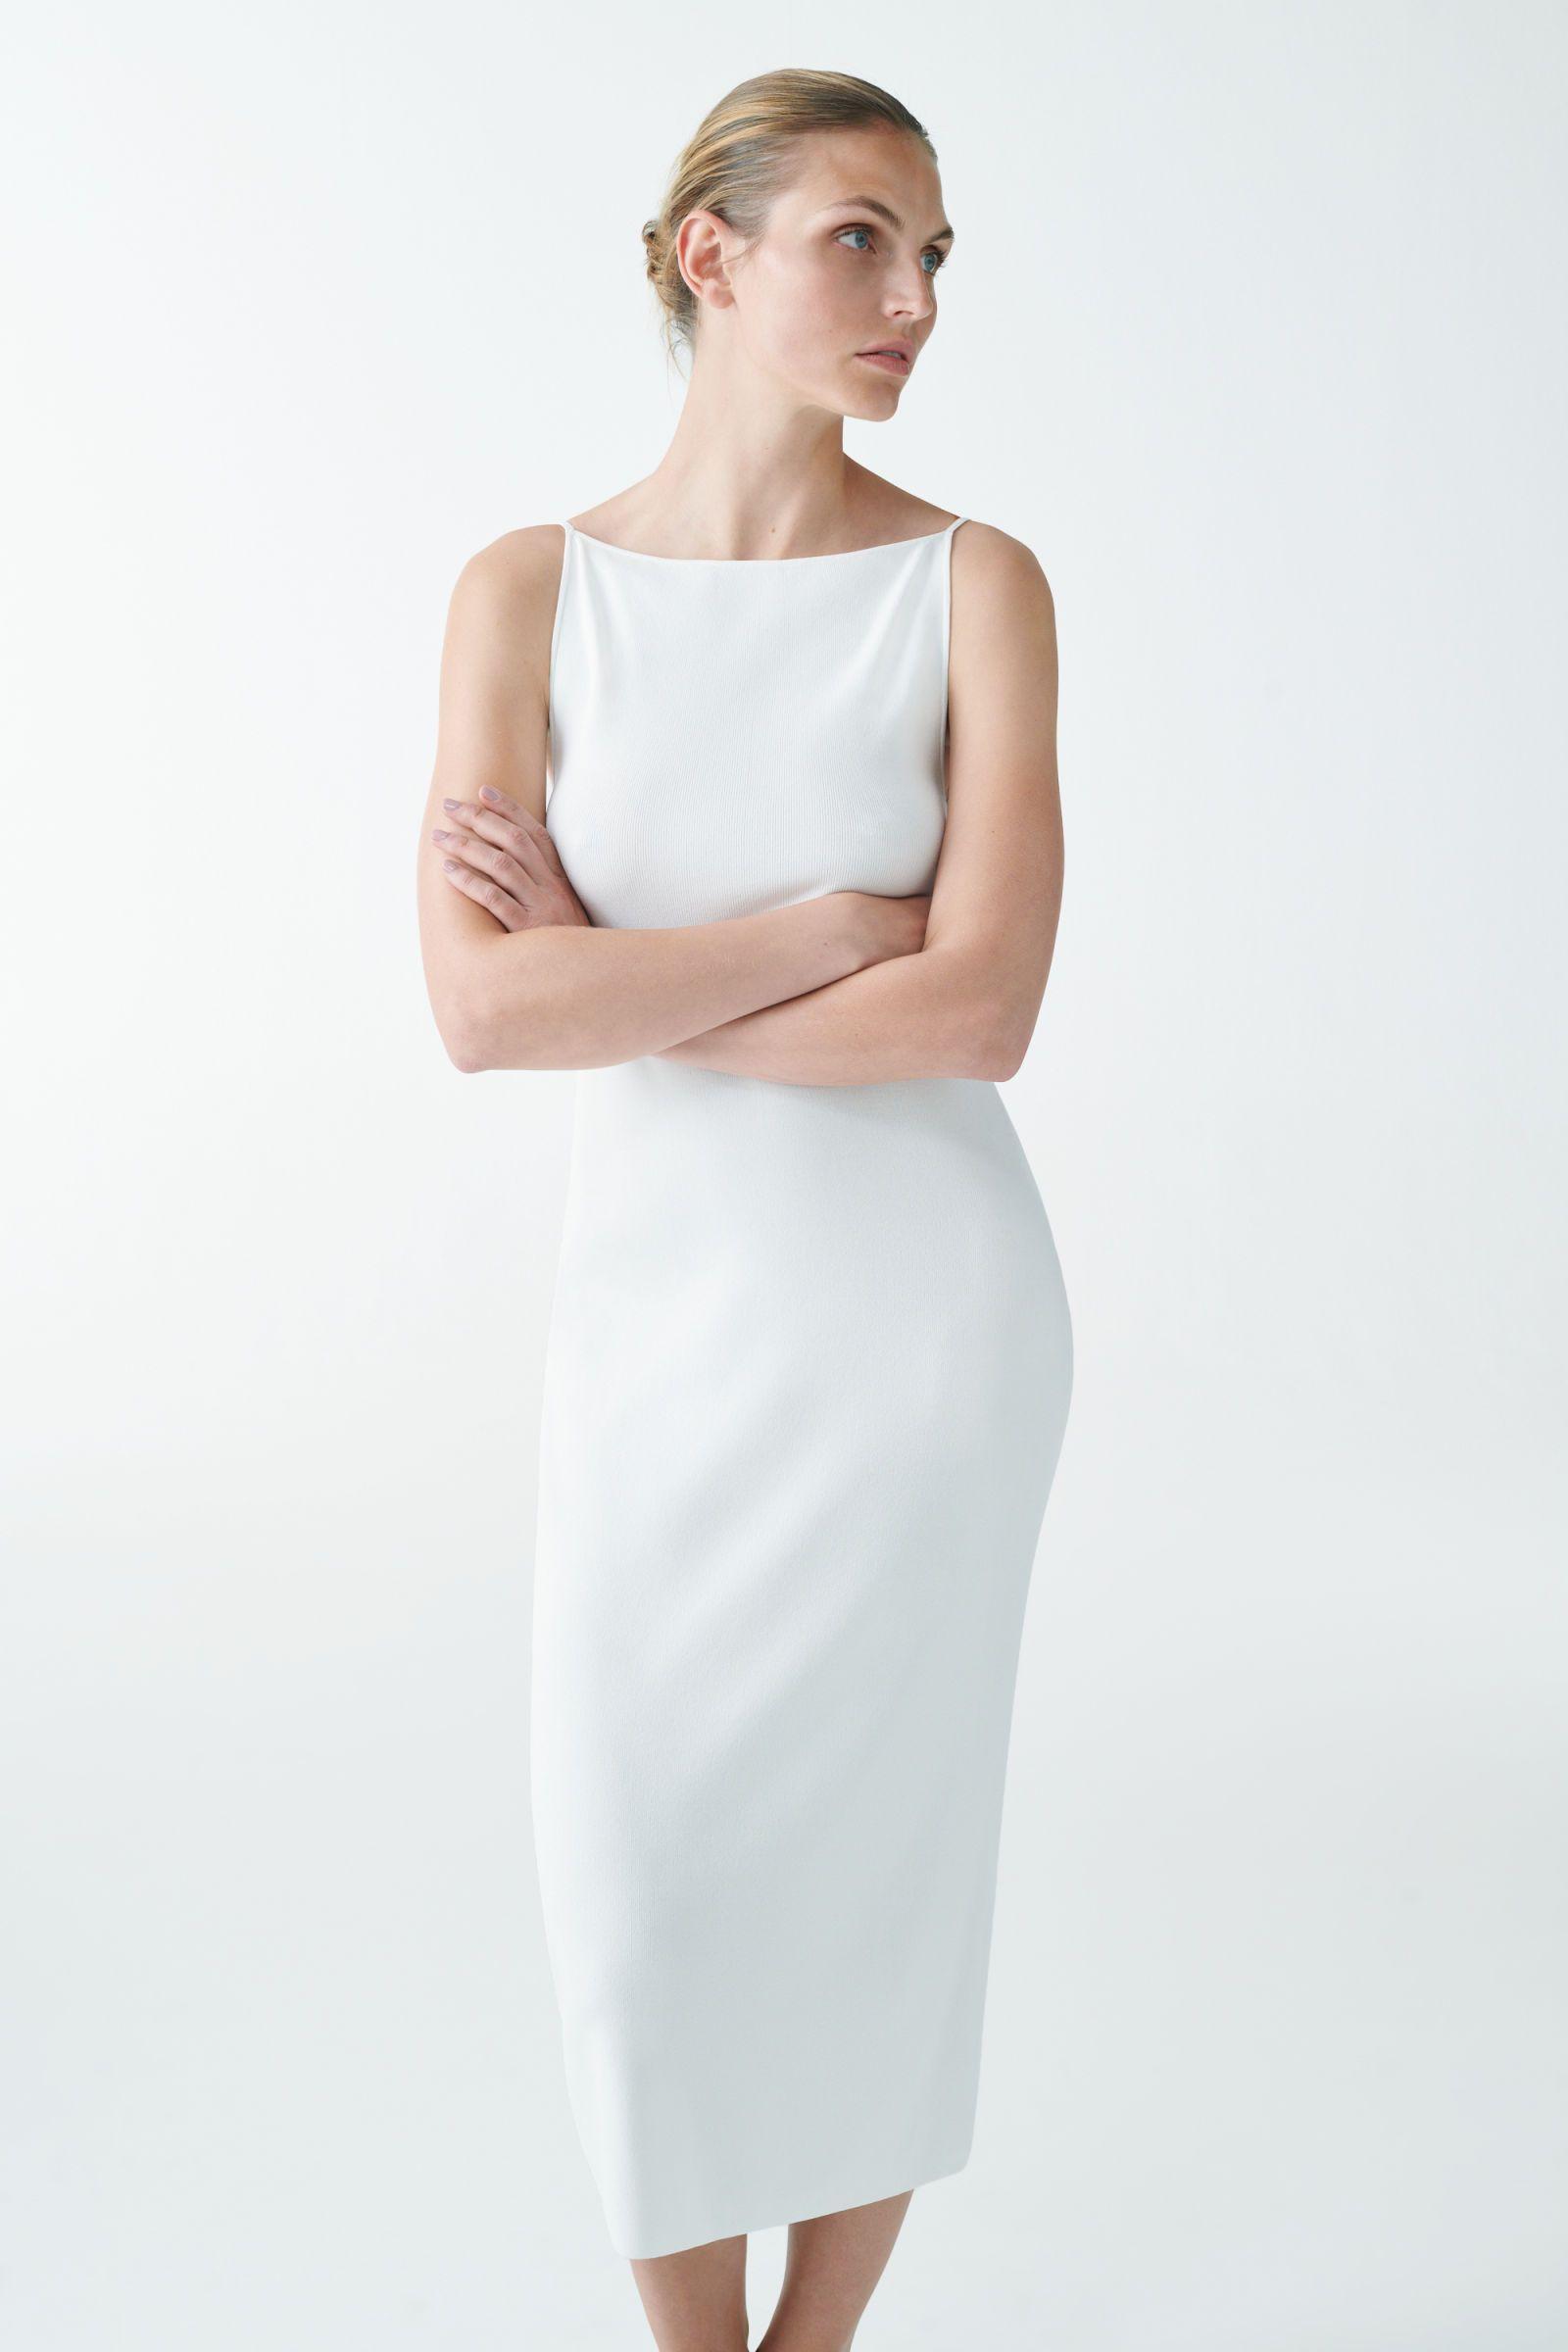 BACKLESS KNITTED SLIP DRESS - White